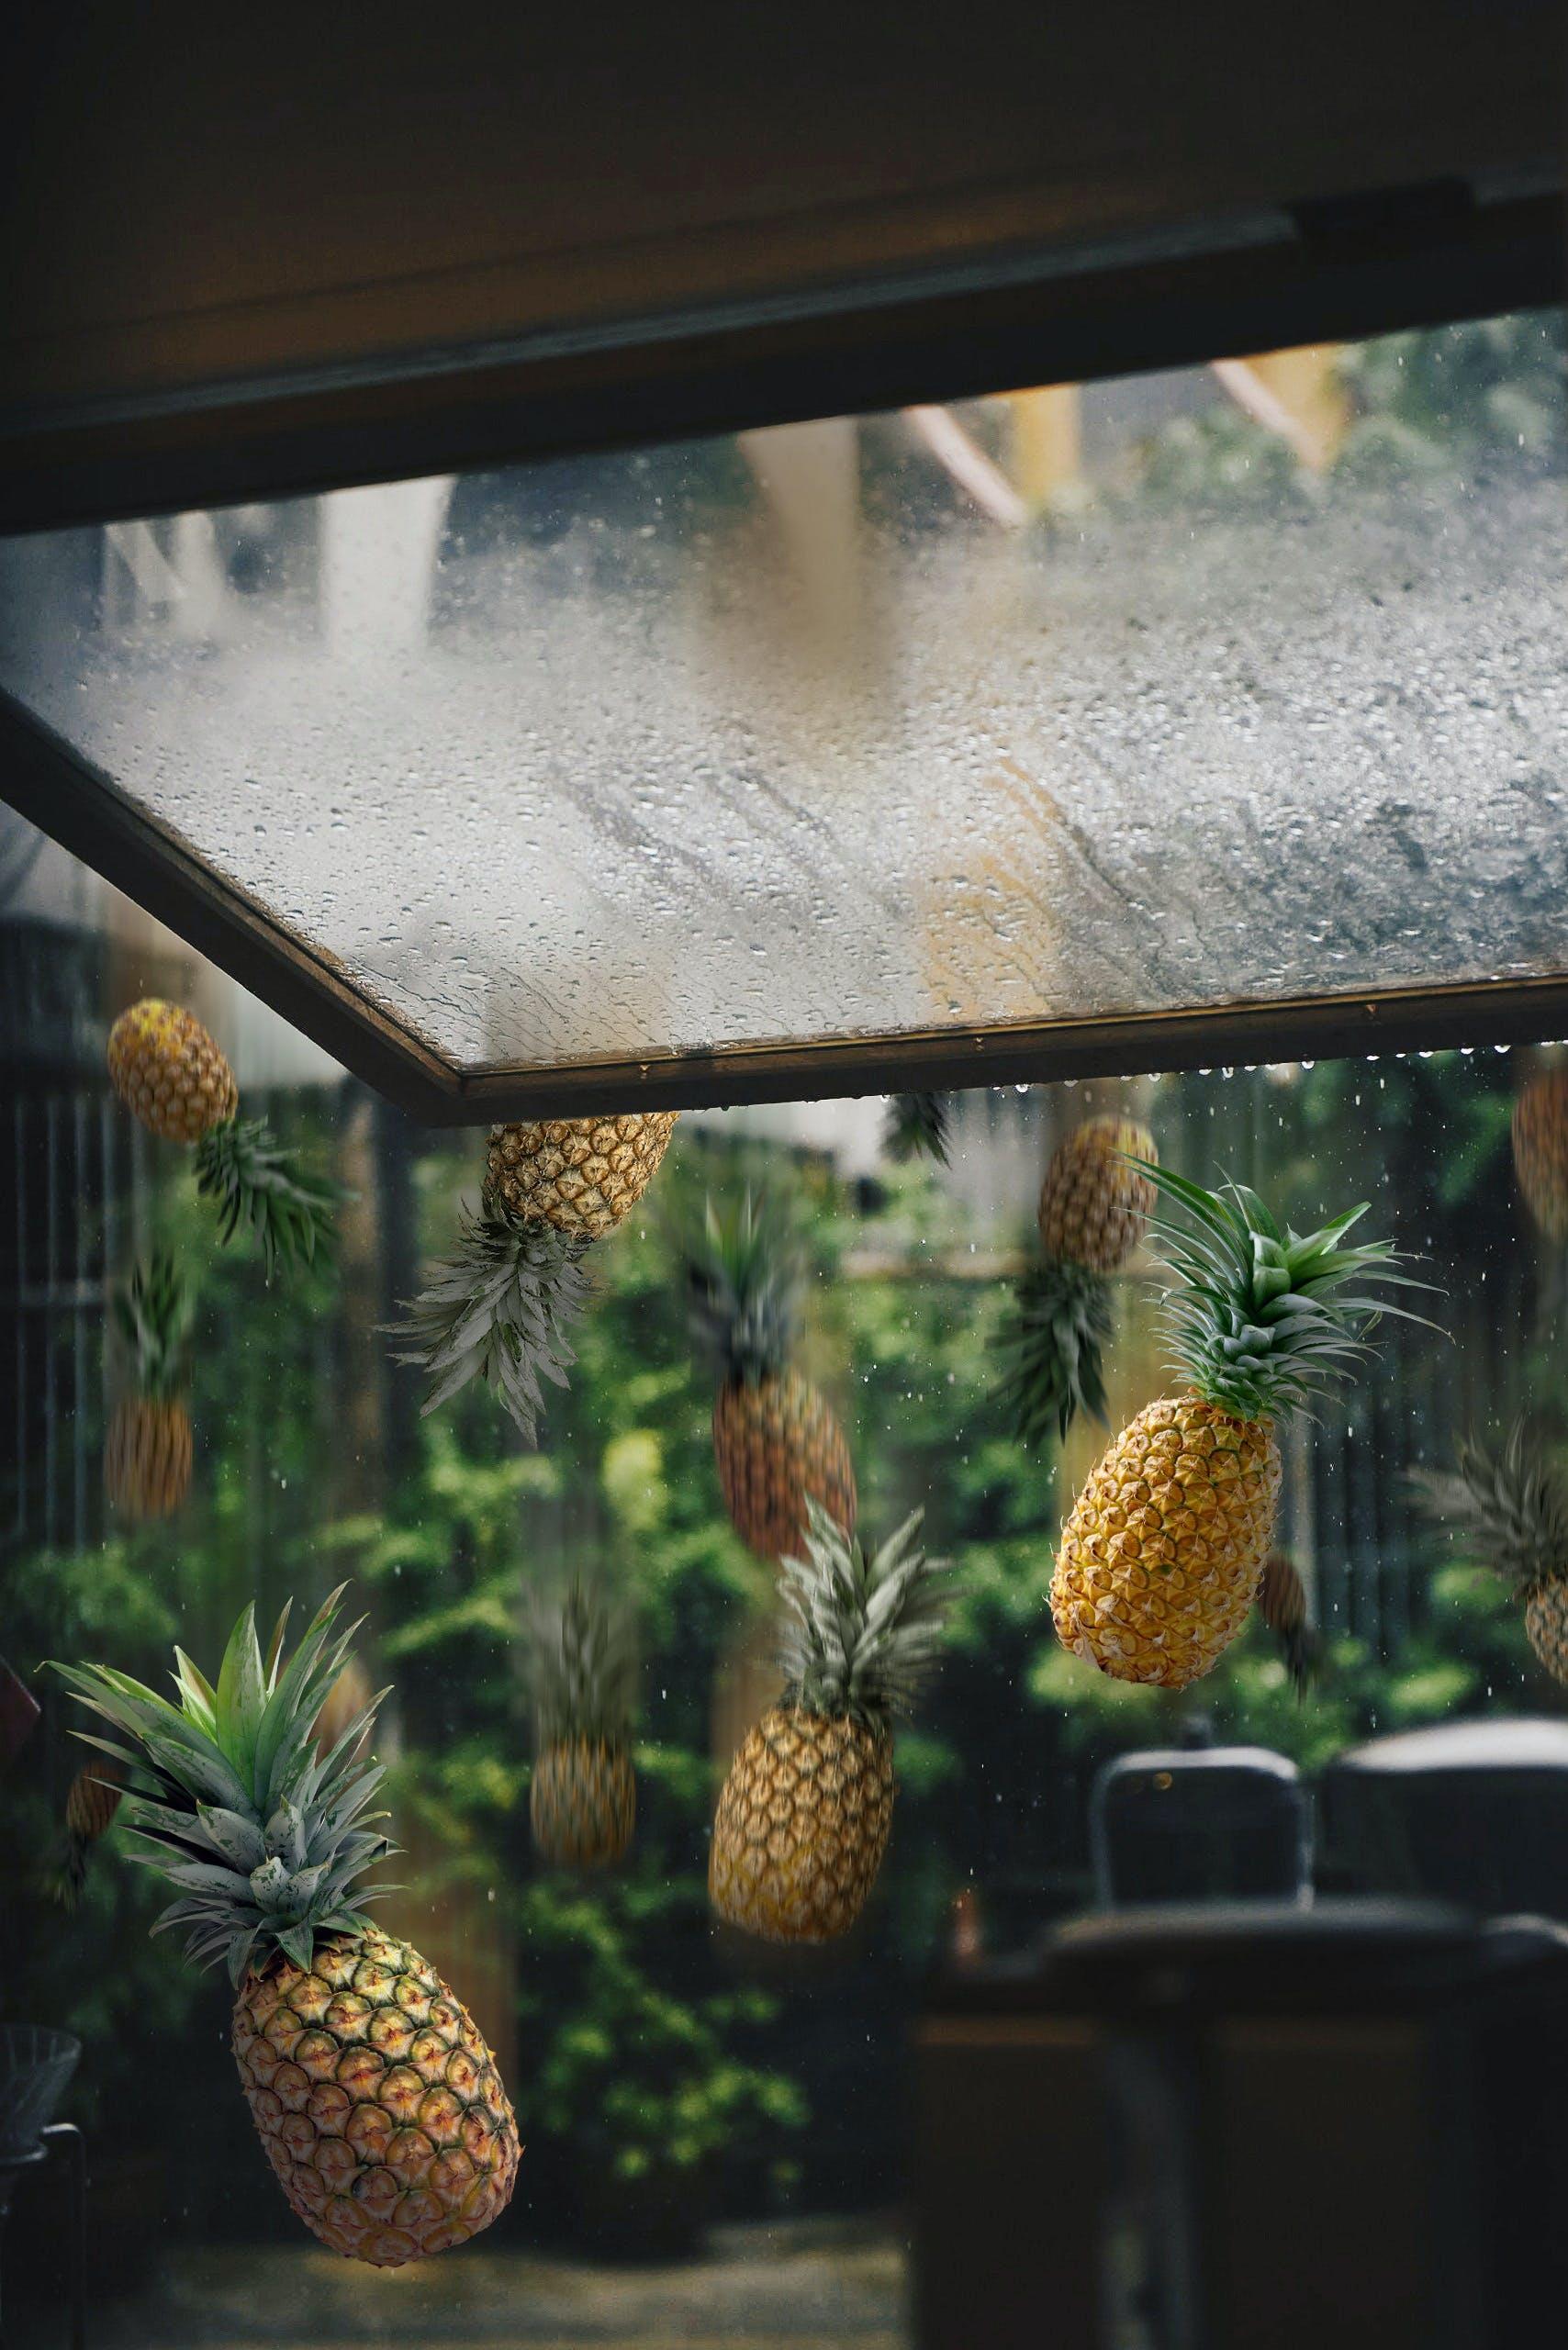 Raining Pineapples